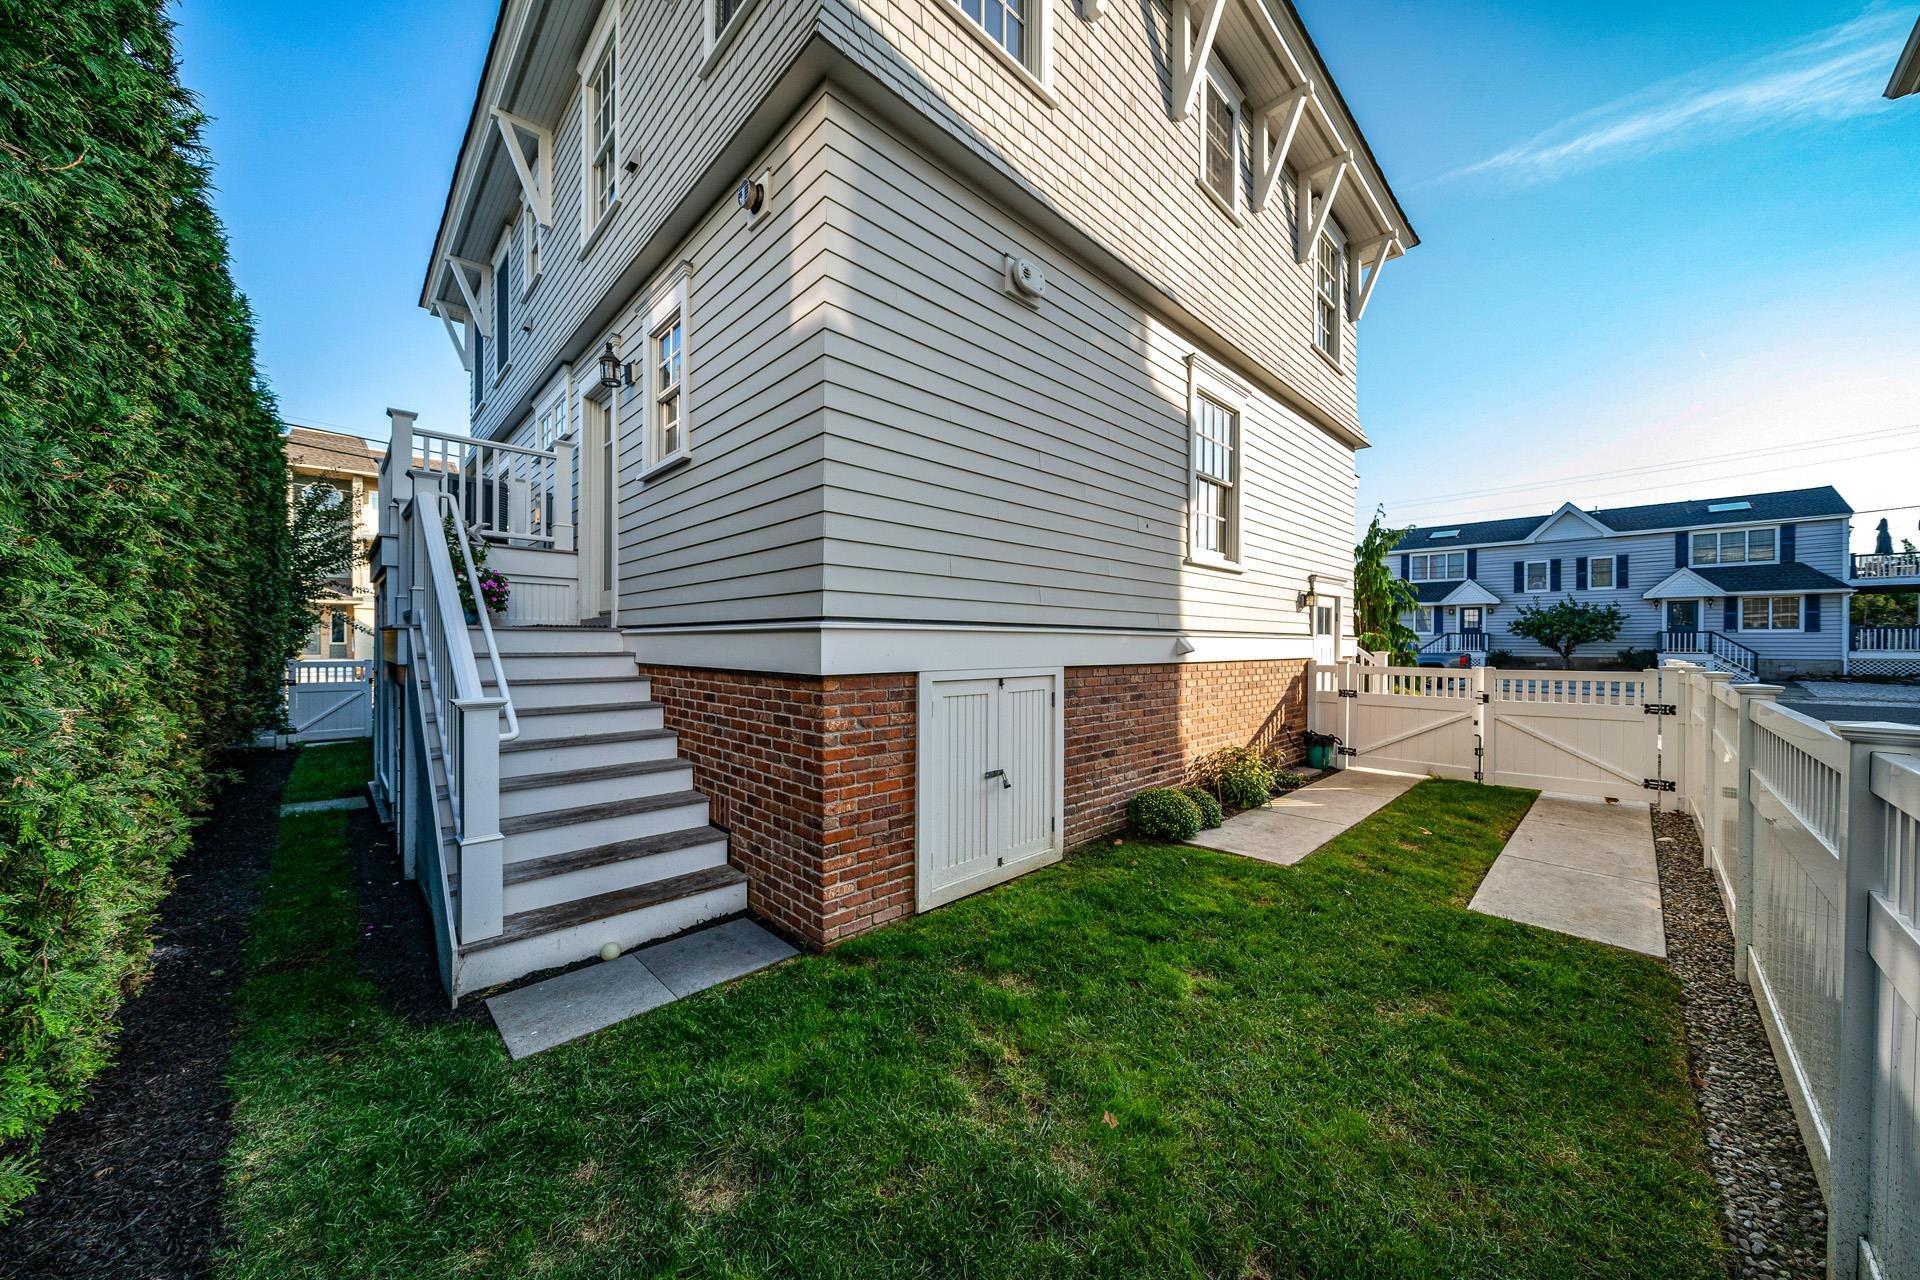 10829 3rd Avenue, Stone Harbor NJ - Picture 3